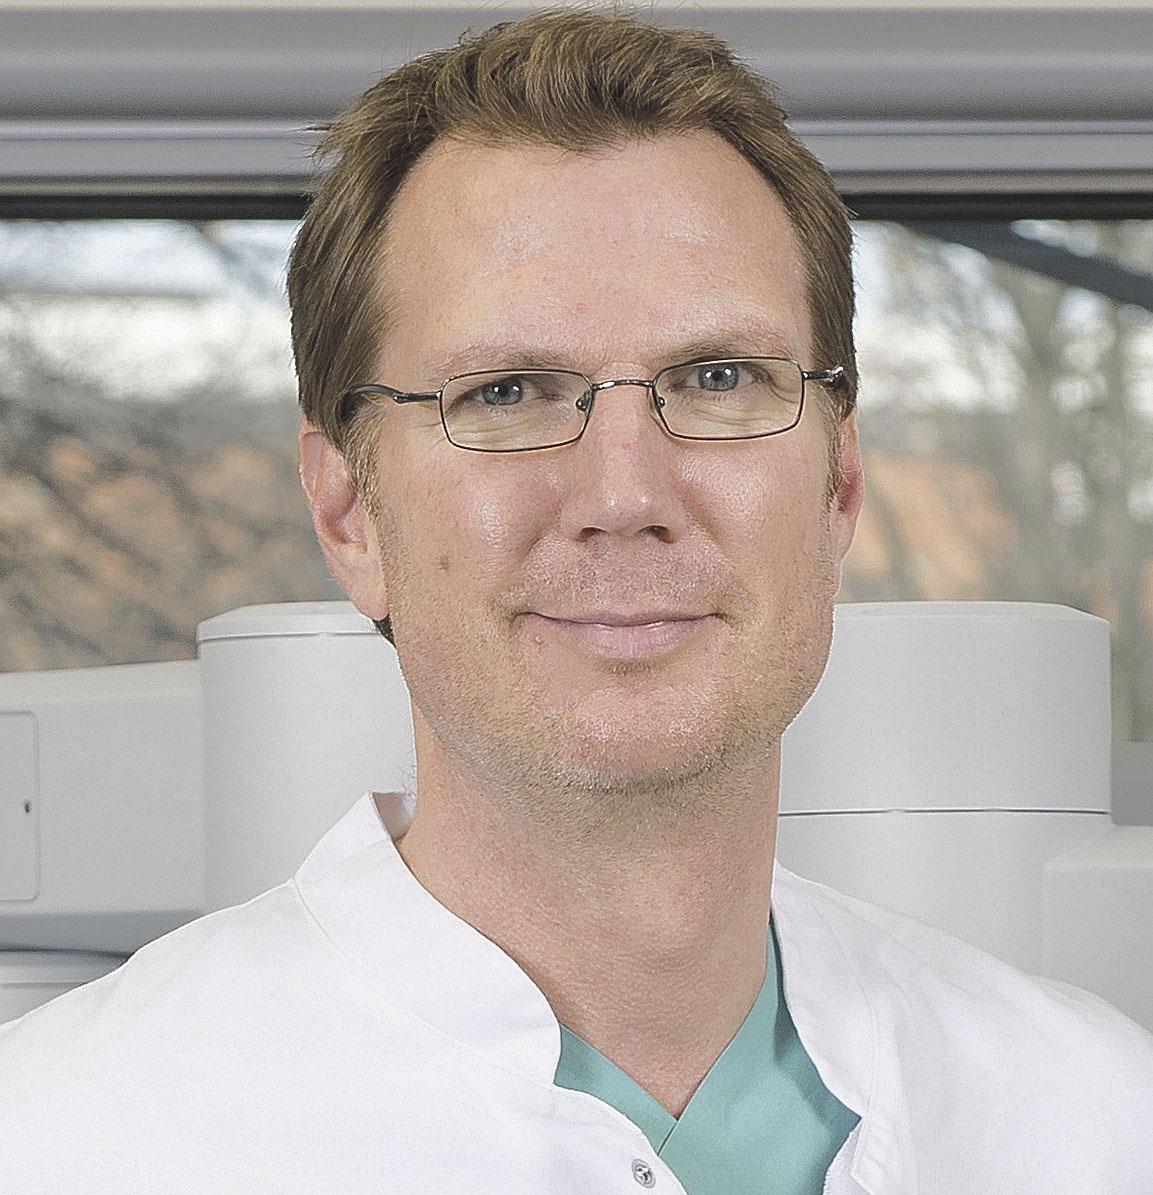 Professor Dr. Thomas Steuber, Leitender Arzt der Martini-Klinik, Prostatakrebszentrum des Universitätsklinikums Hamburg-Eppendorf